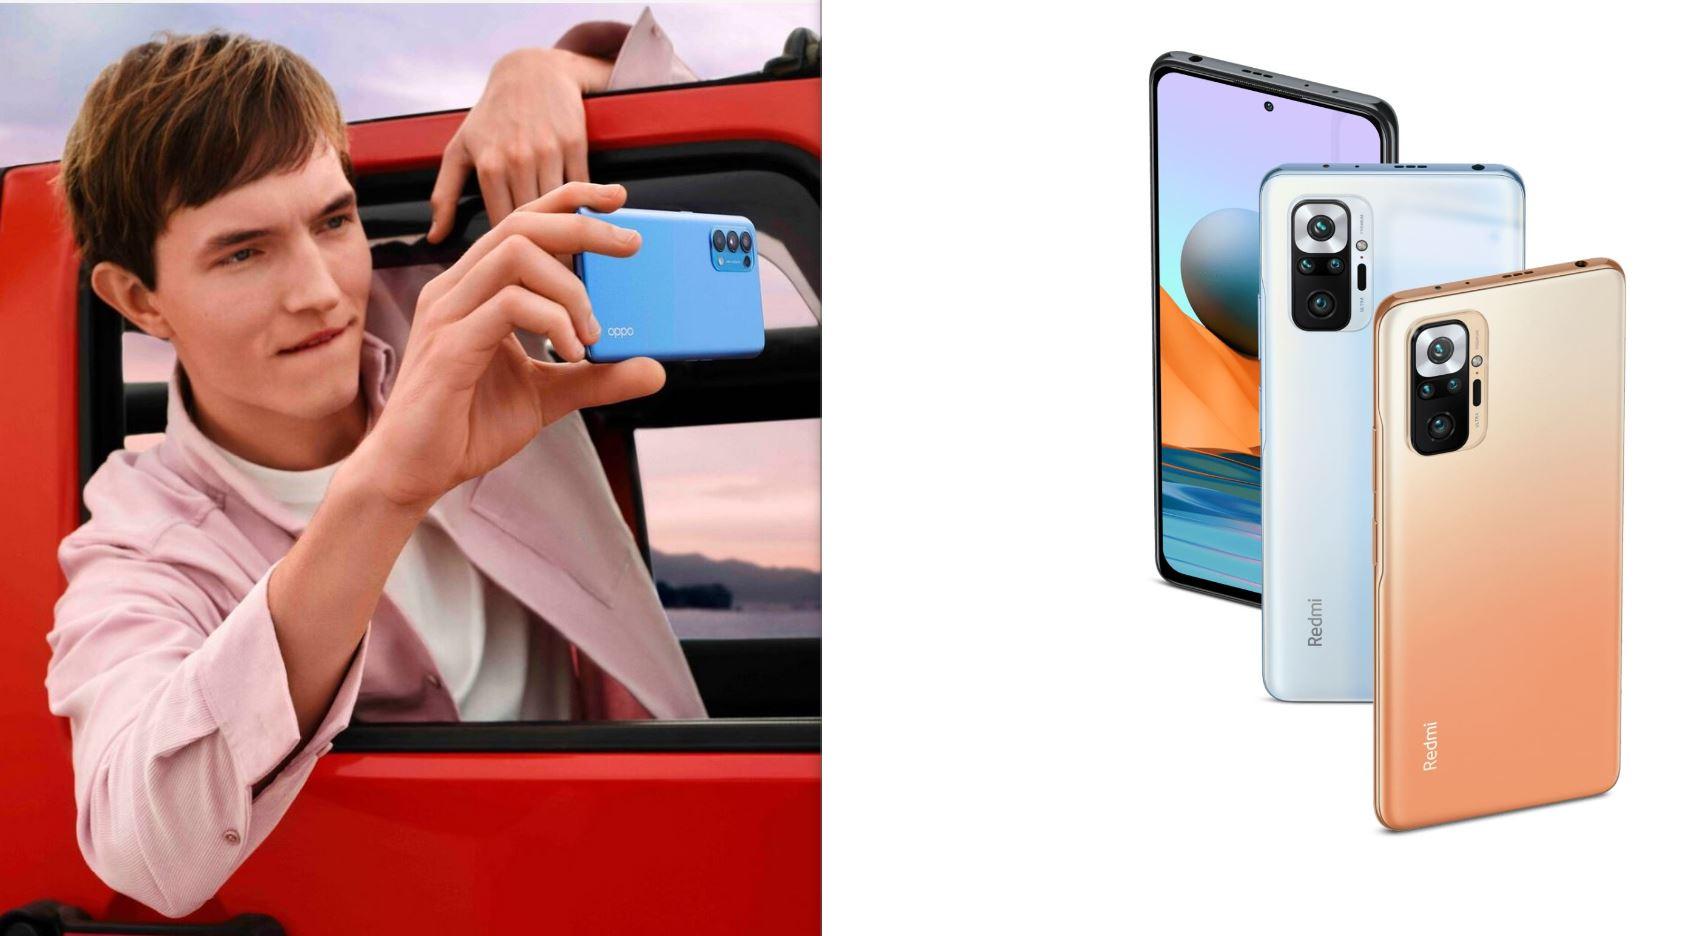 Le novità Oppo e Xiaomi ora disponibili in Italia